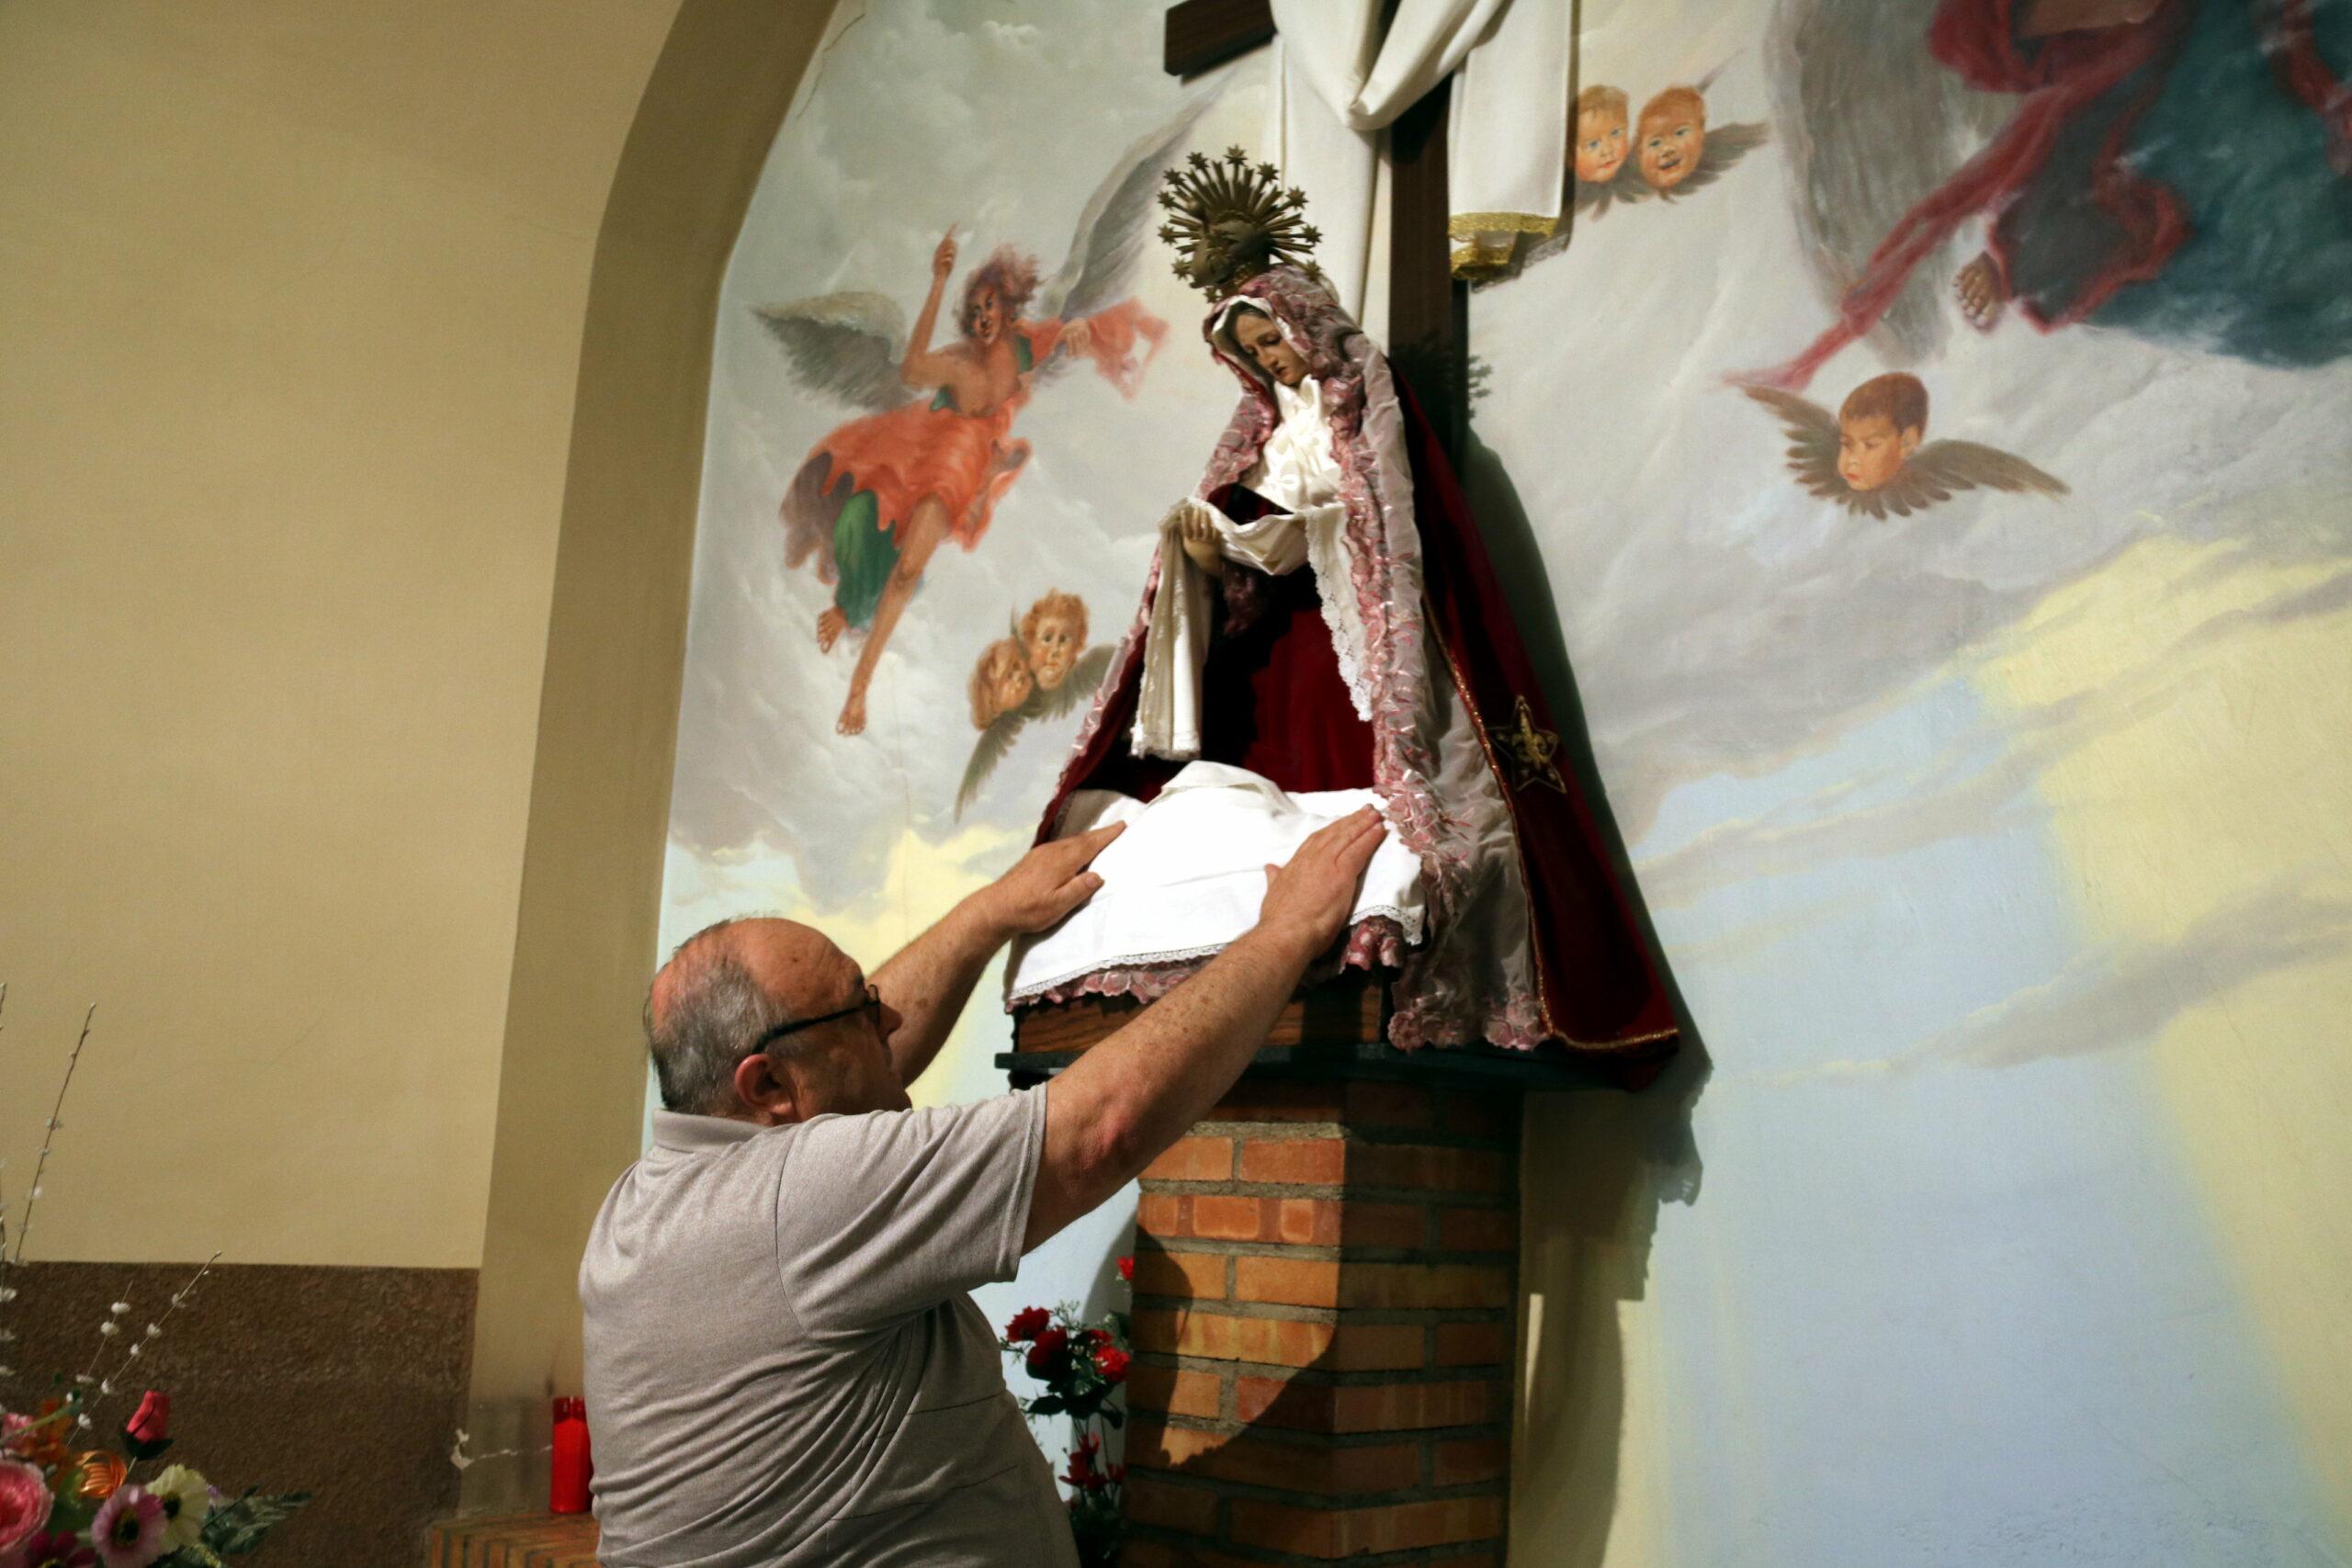 El responsable del manteniment de la capella, Àngel Manubens, mostrant on estava en santcrist /ACN